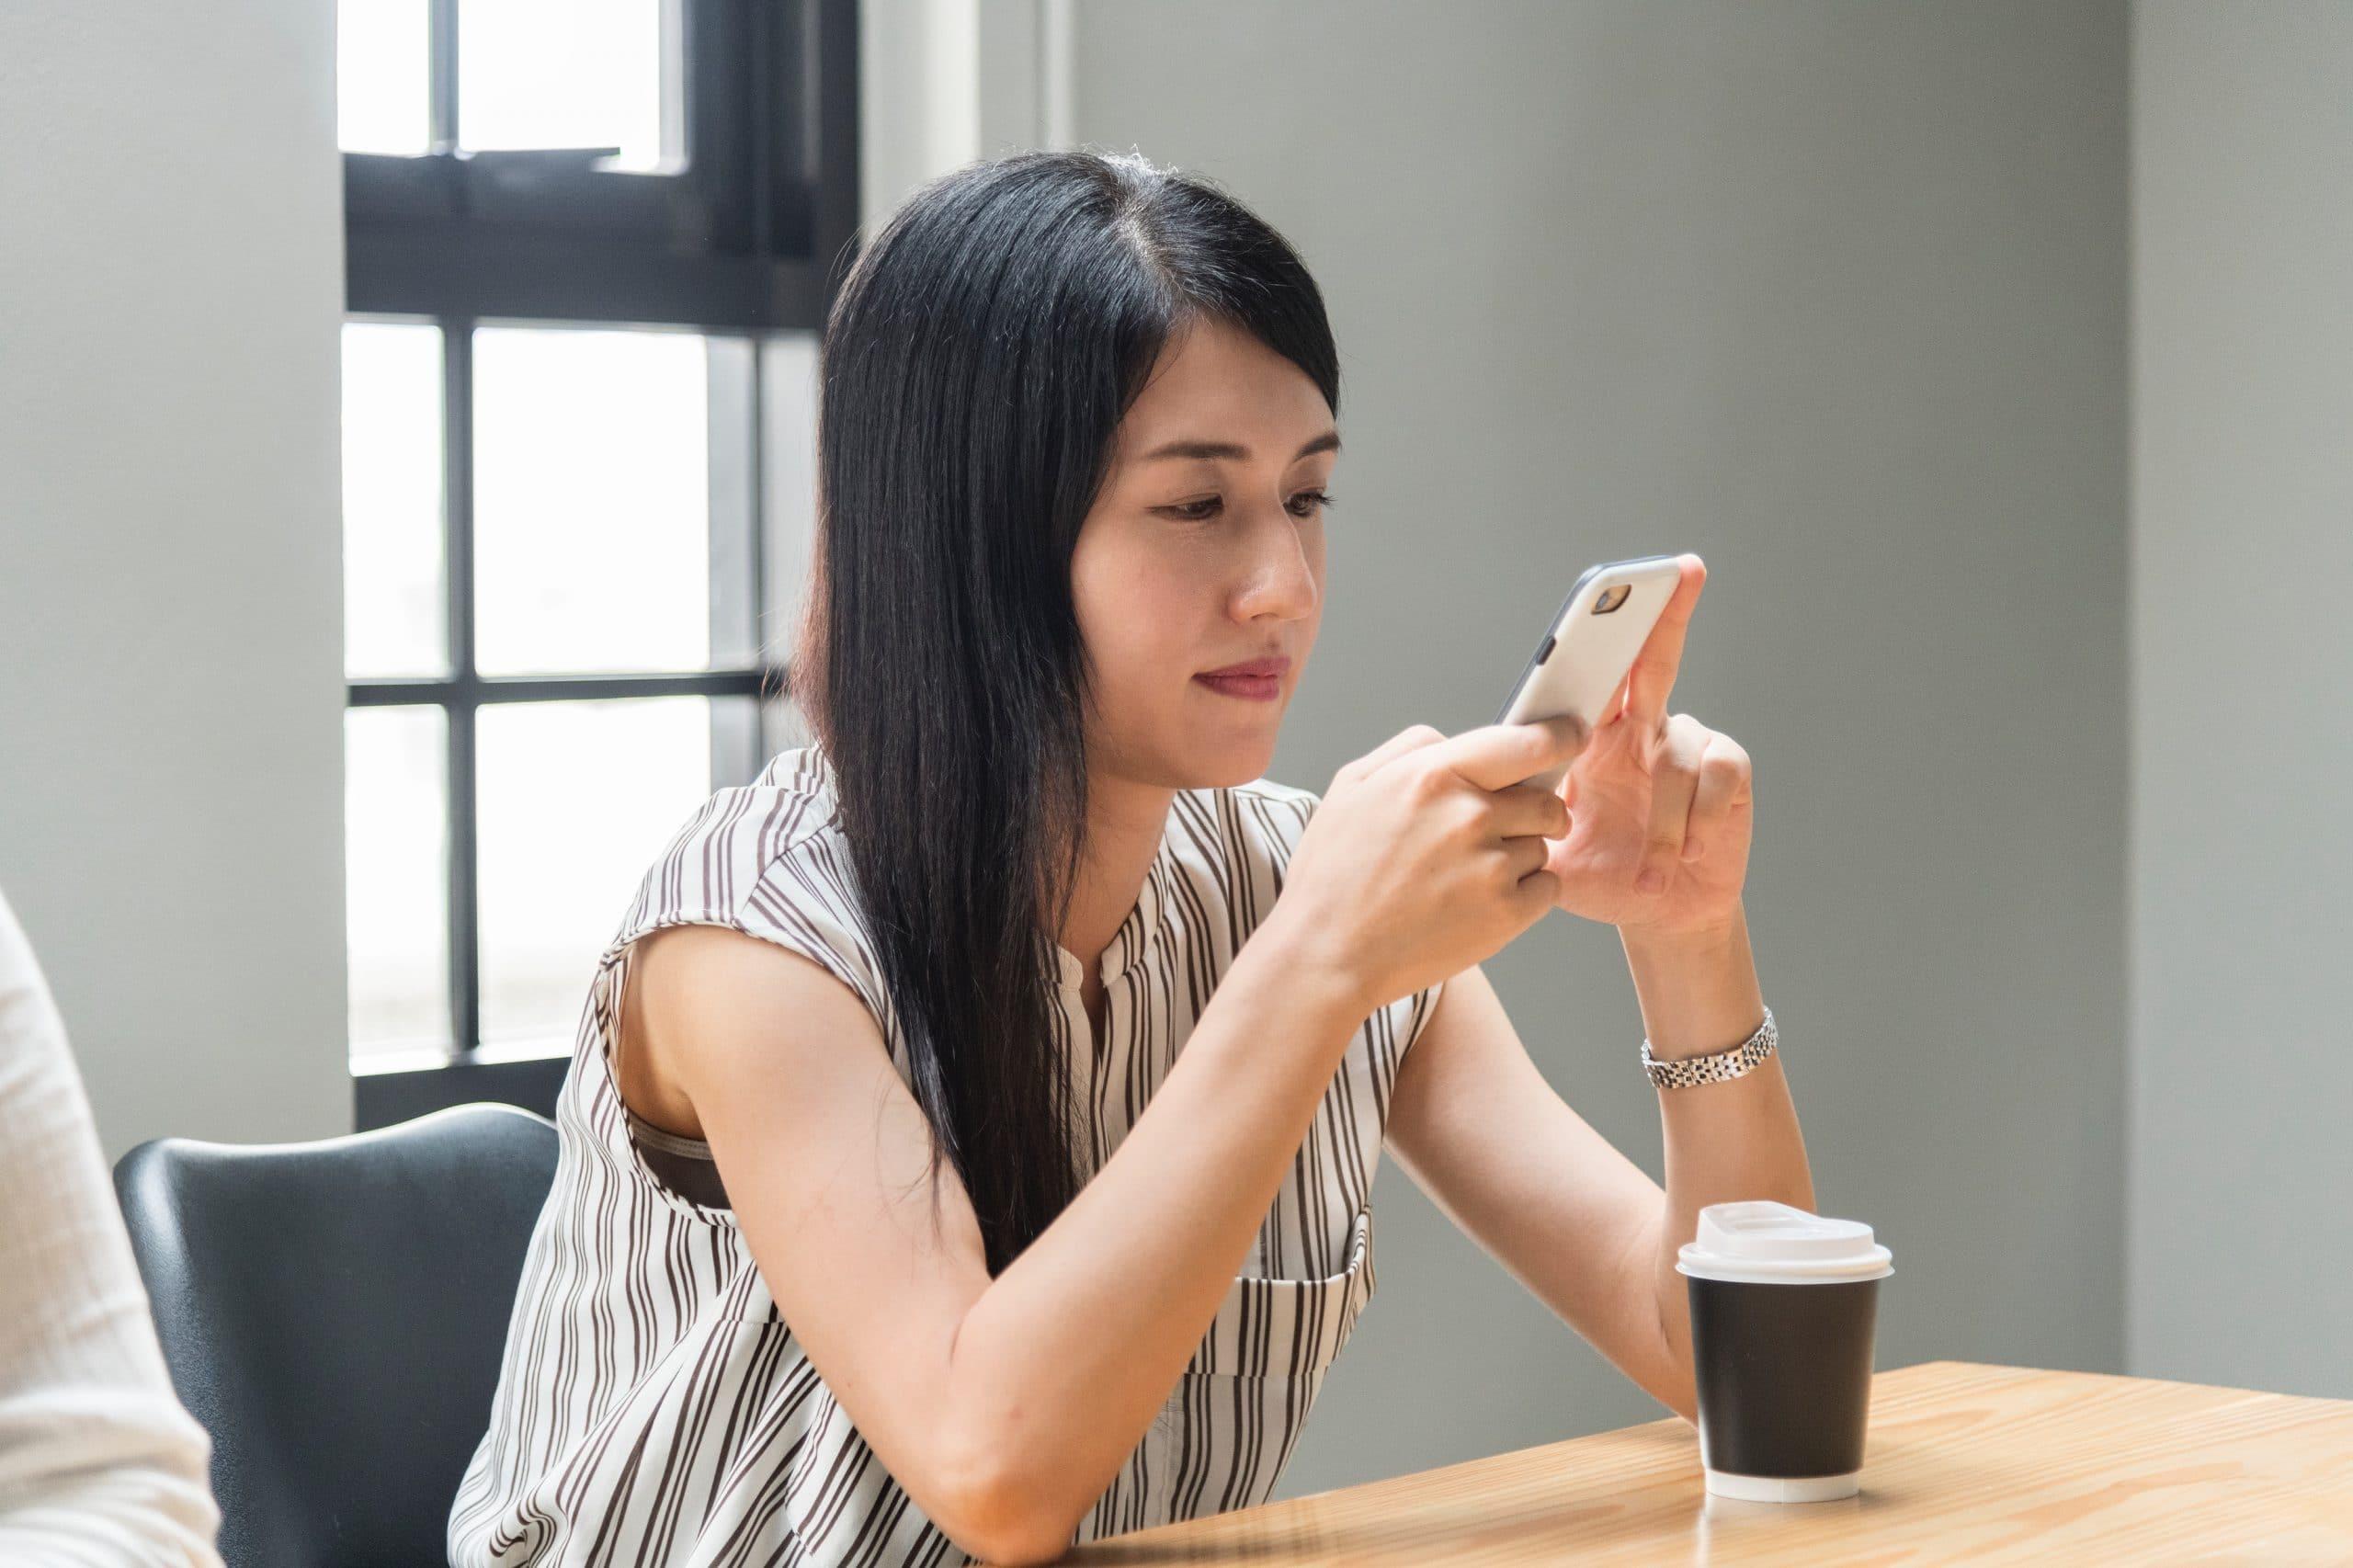 Mulher sentada com braçoes apoiados na mesa segurando celular com copo de café sobre a mesa